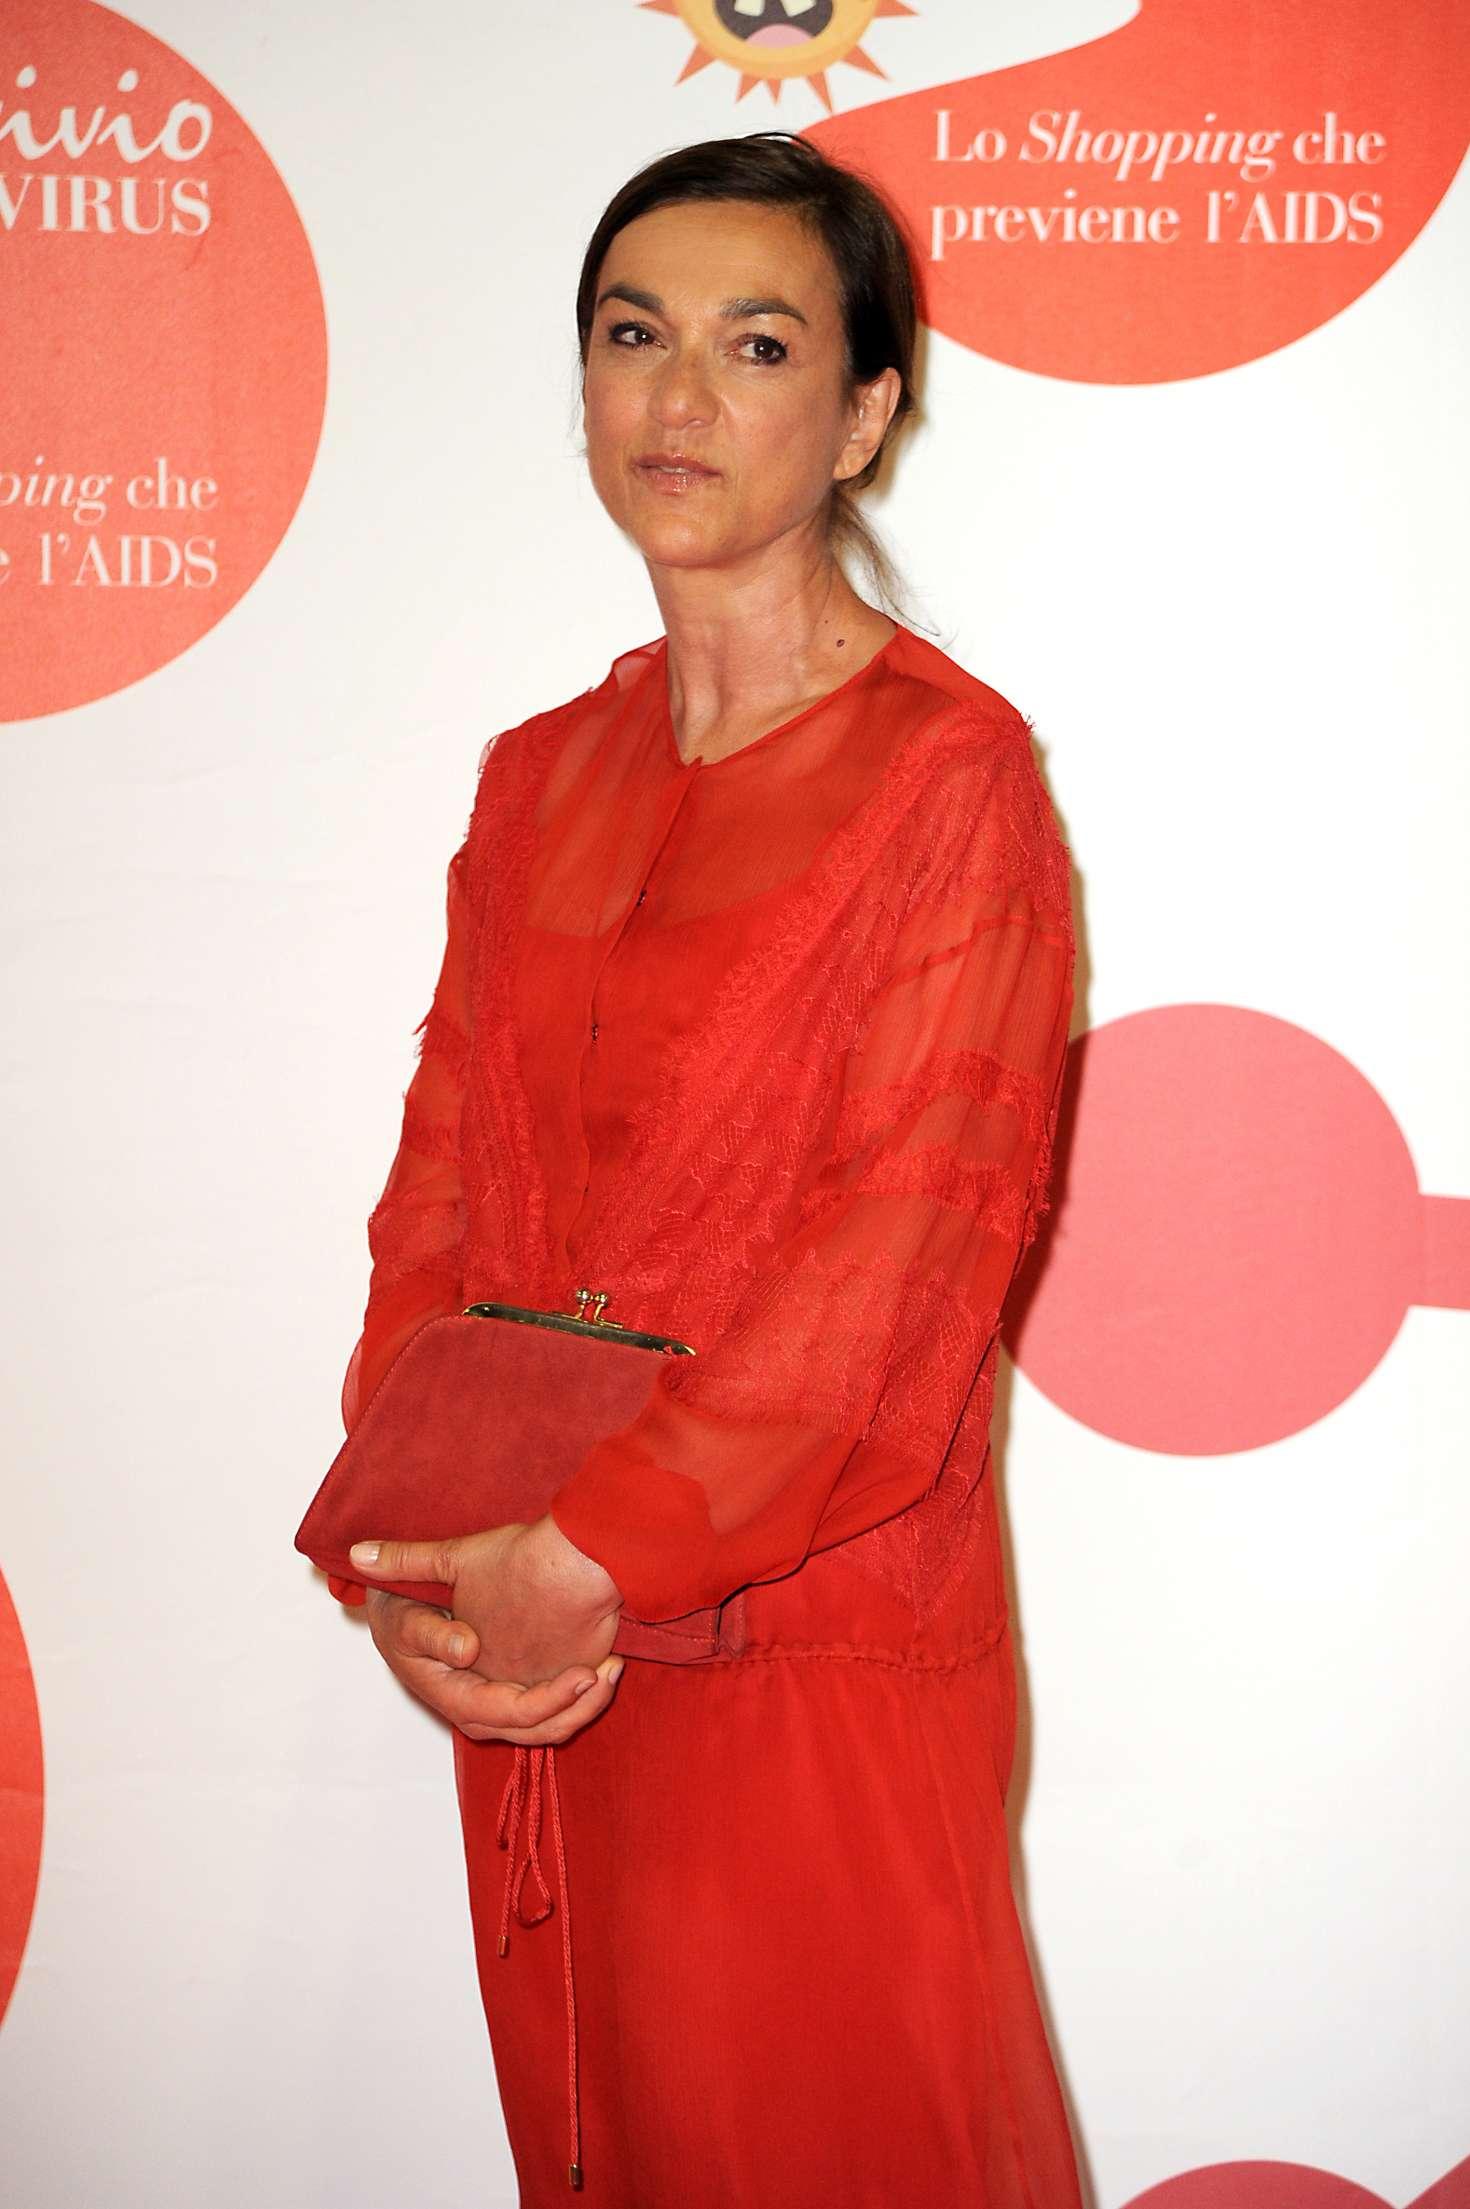 Daria Bignardi - Convivio 2018 Red Carpet in Milan